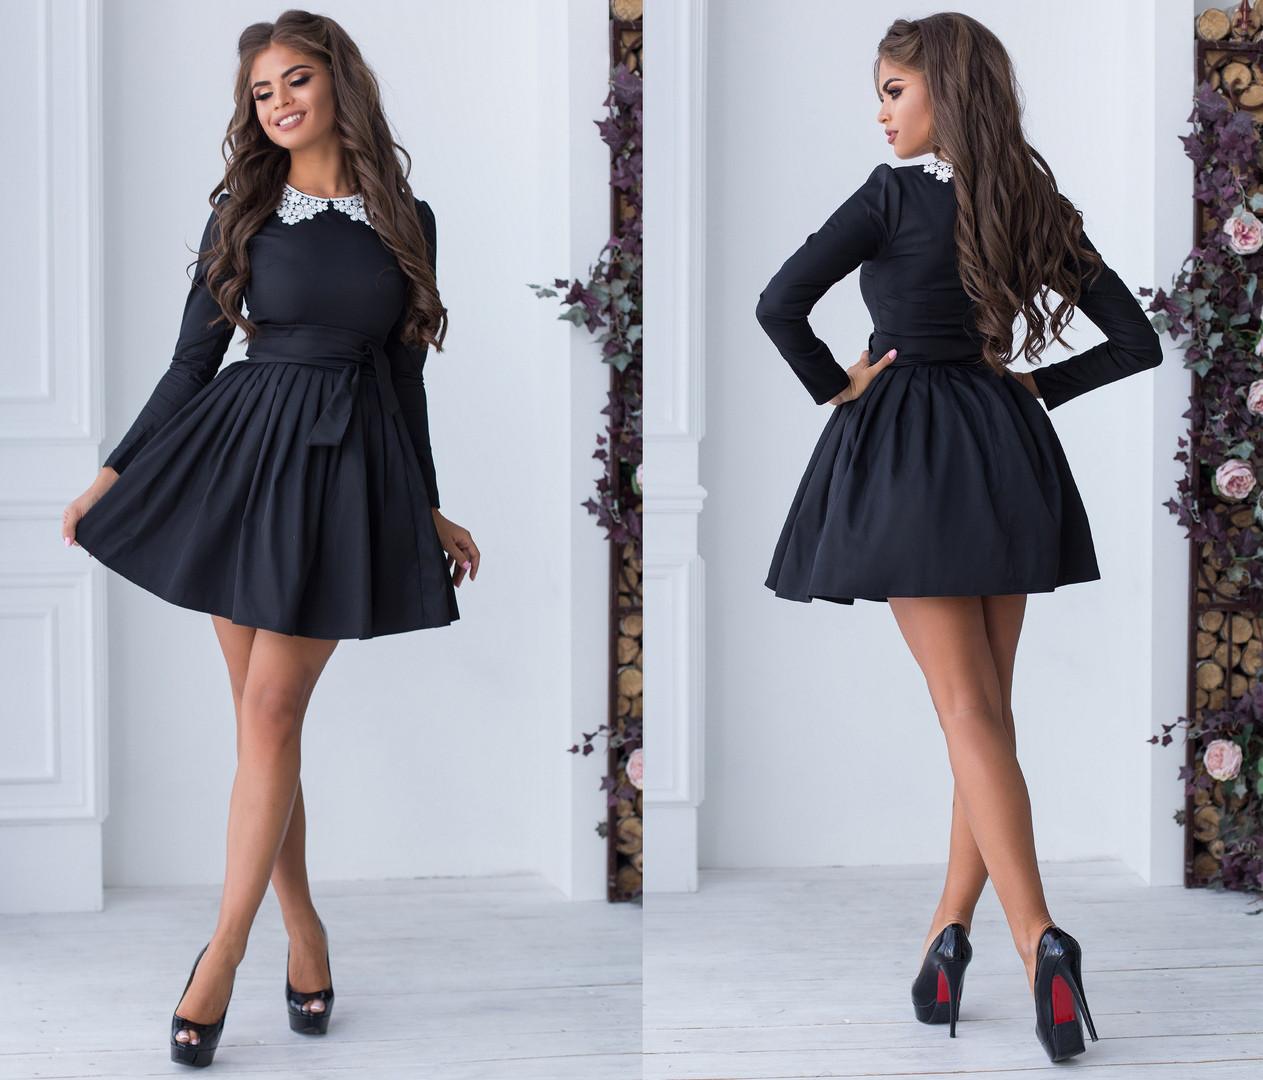 Короткое женское платье с фатиновым бодъюбником и с кружевным воротником.Размеры : 42,44,46  +Цвета